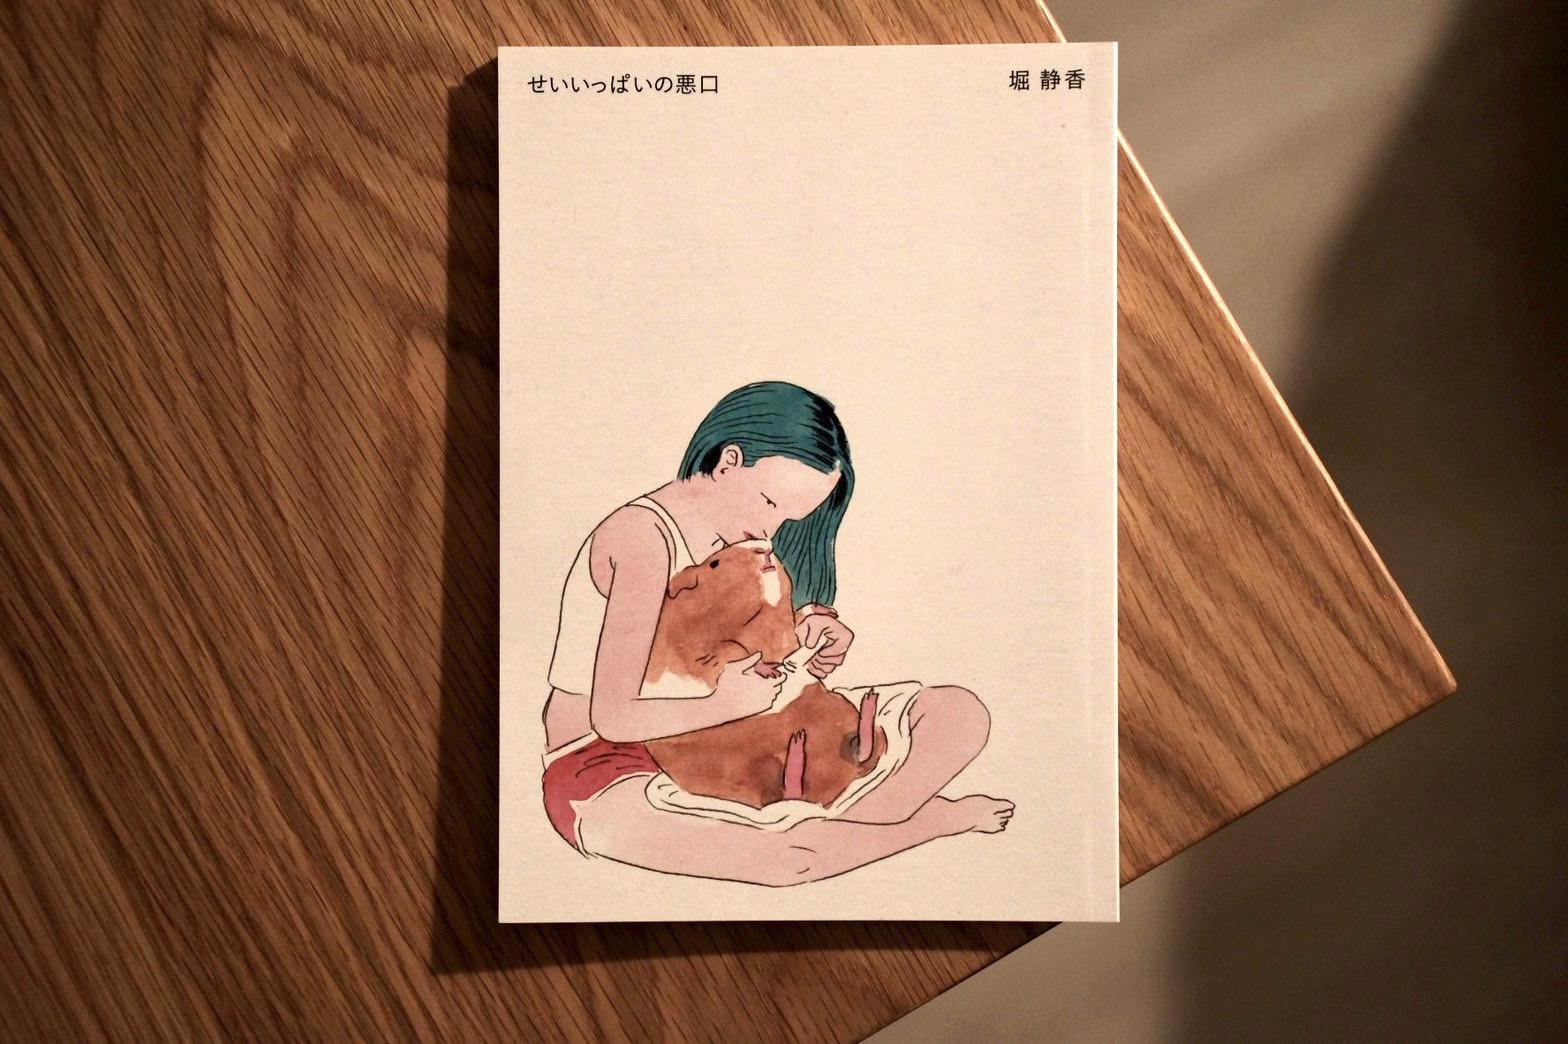 【連載】本と生活と。vol.22 堀静香『せいいっぱいの悪口』